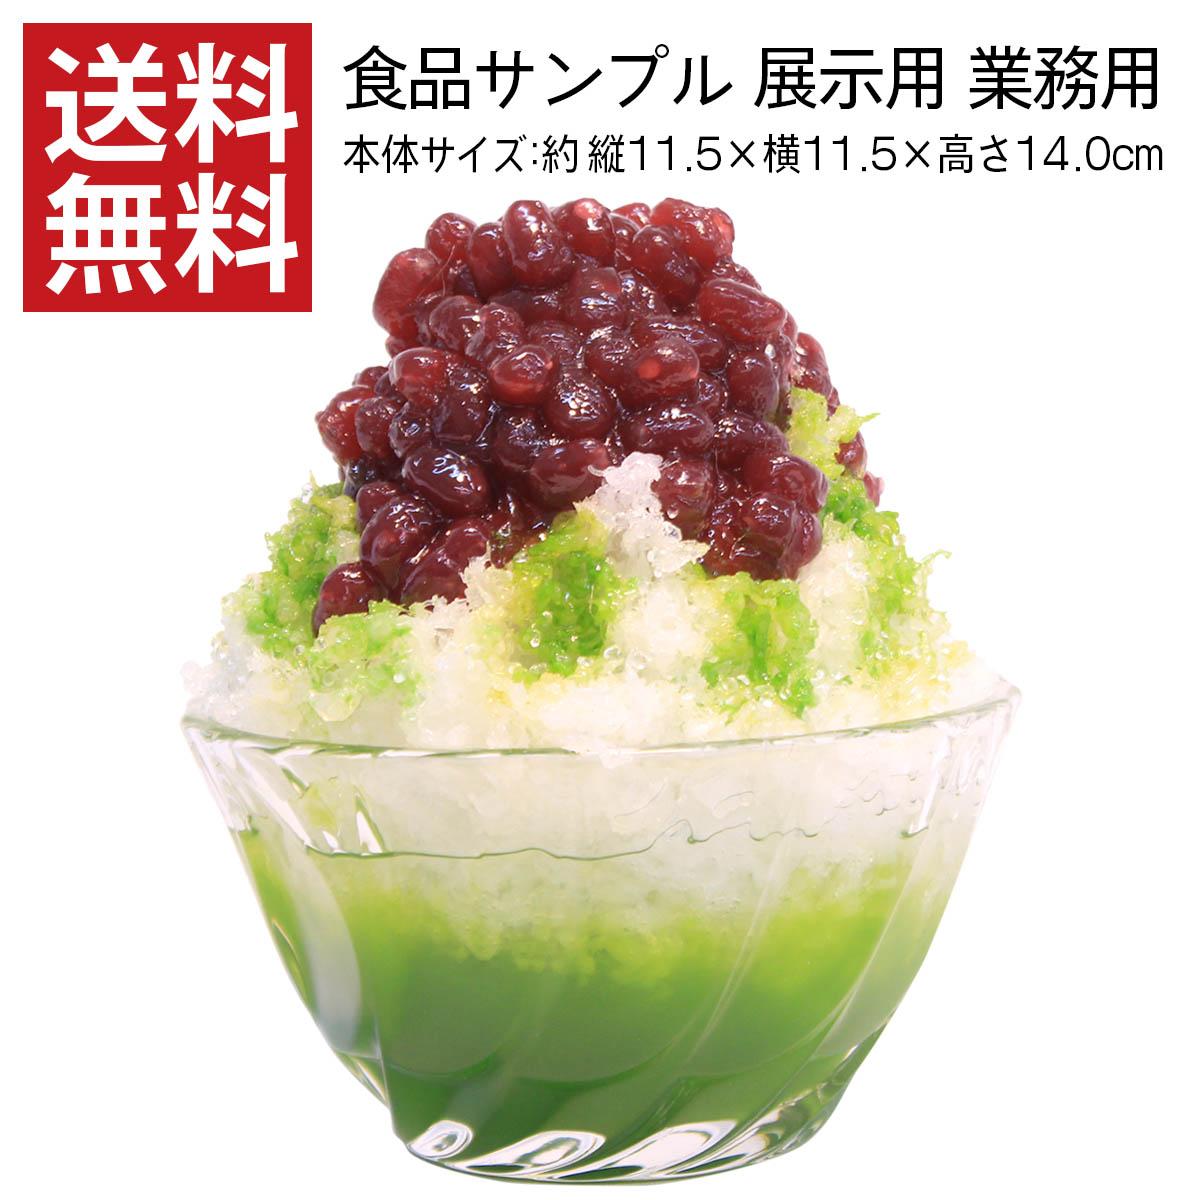 【送料無料】食品サンプル 展示用 かき氷 宇治金時味 ガラス器 オブジェ インテリア 屋台 置物